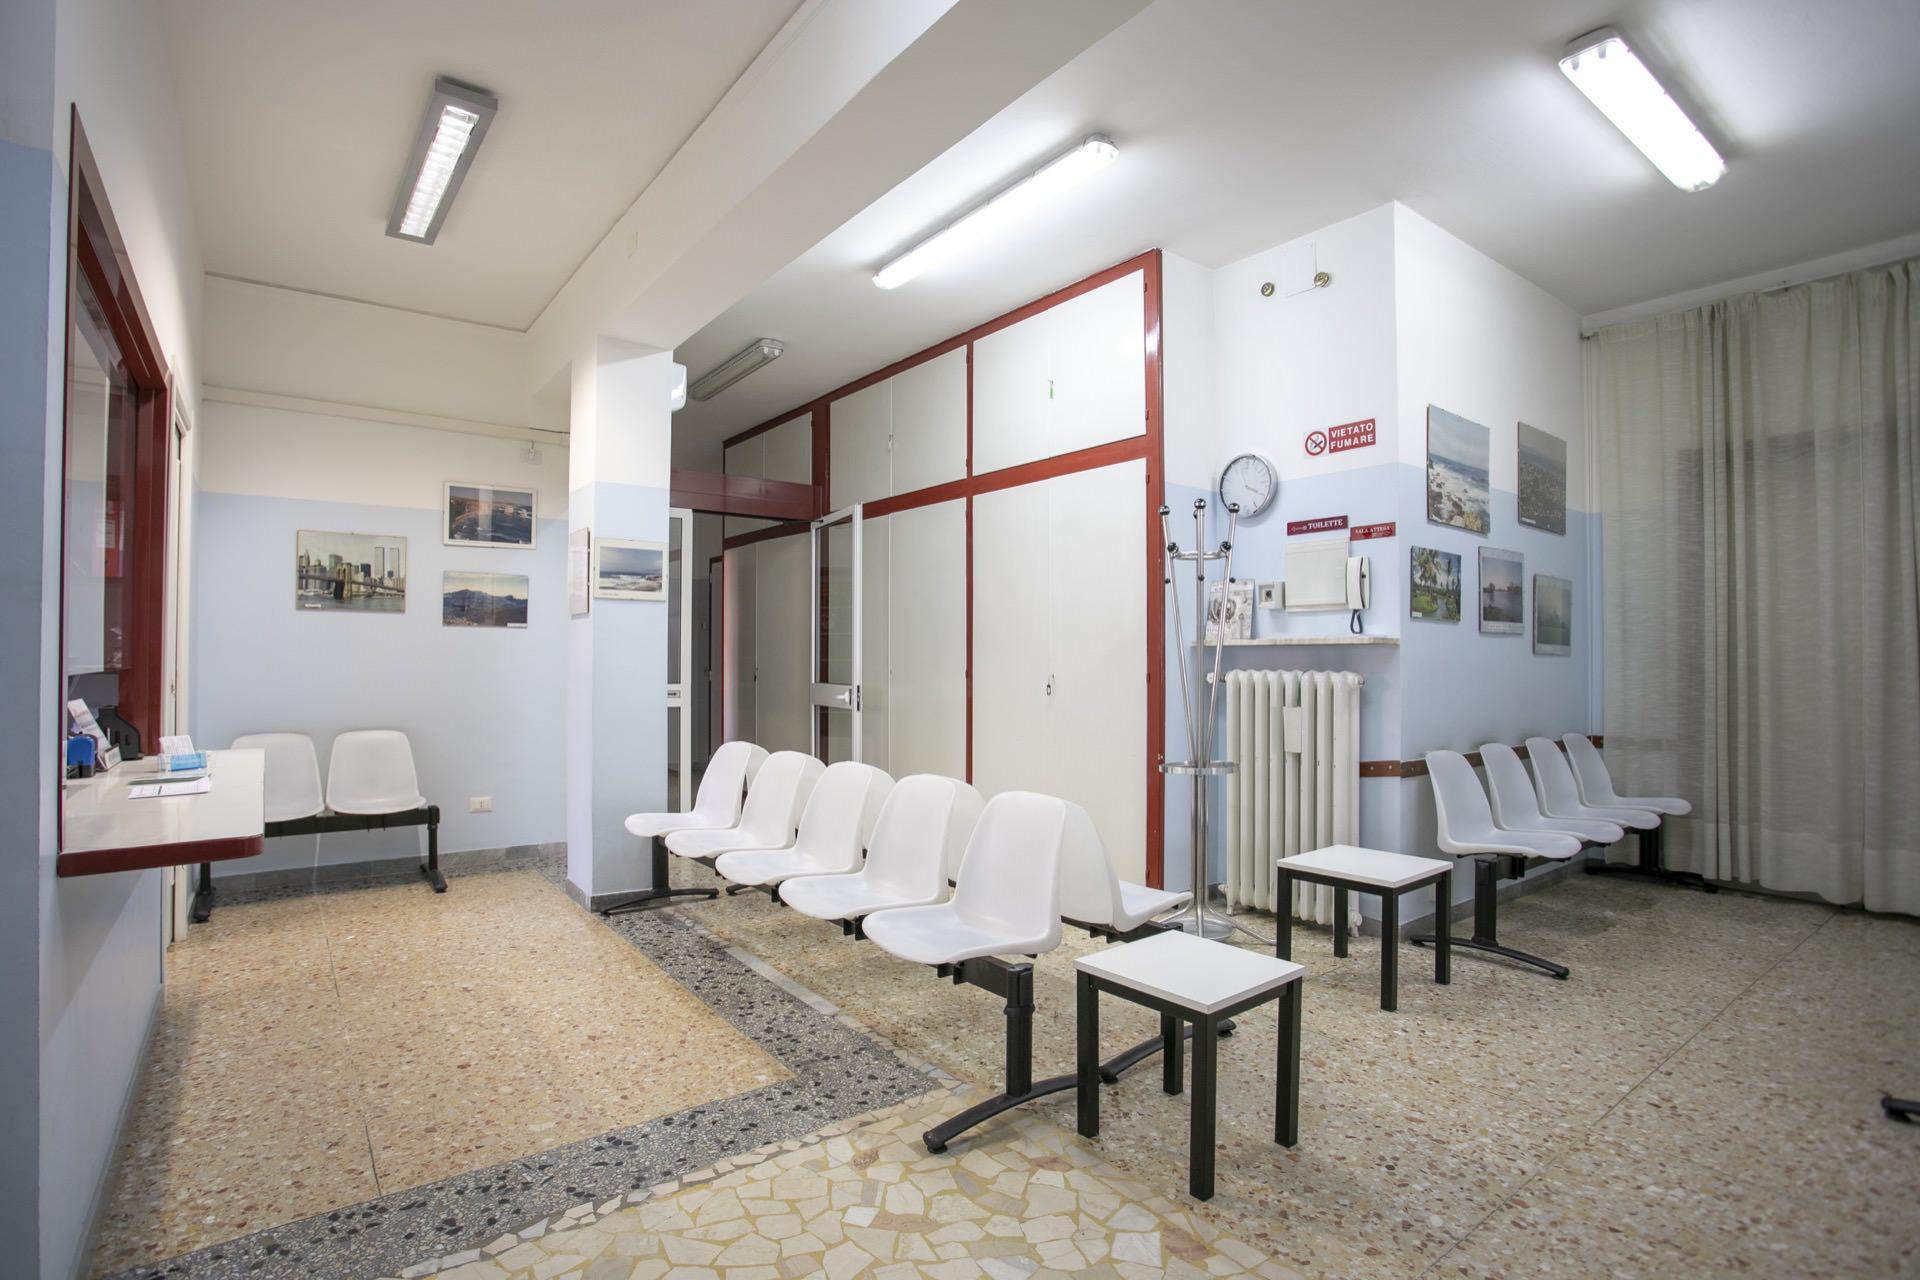 L.A.M. Poliambulatorio analisi mediche forlì